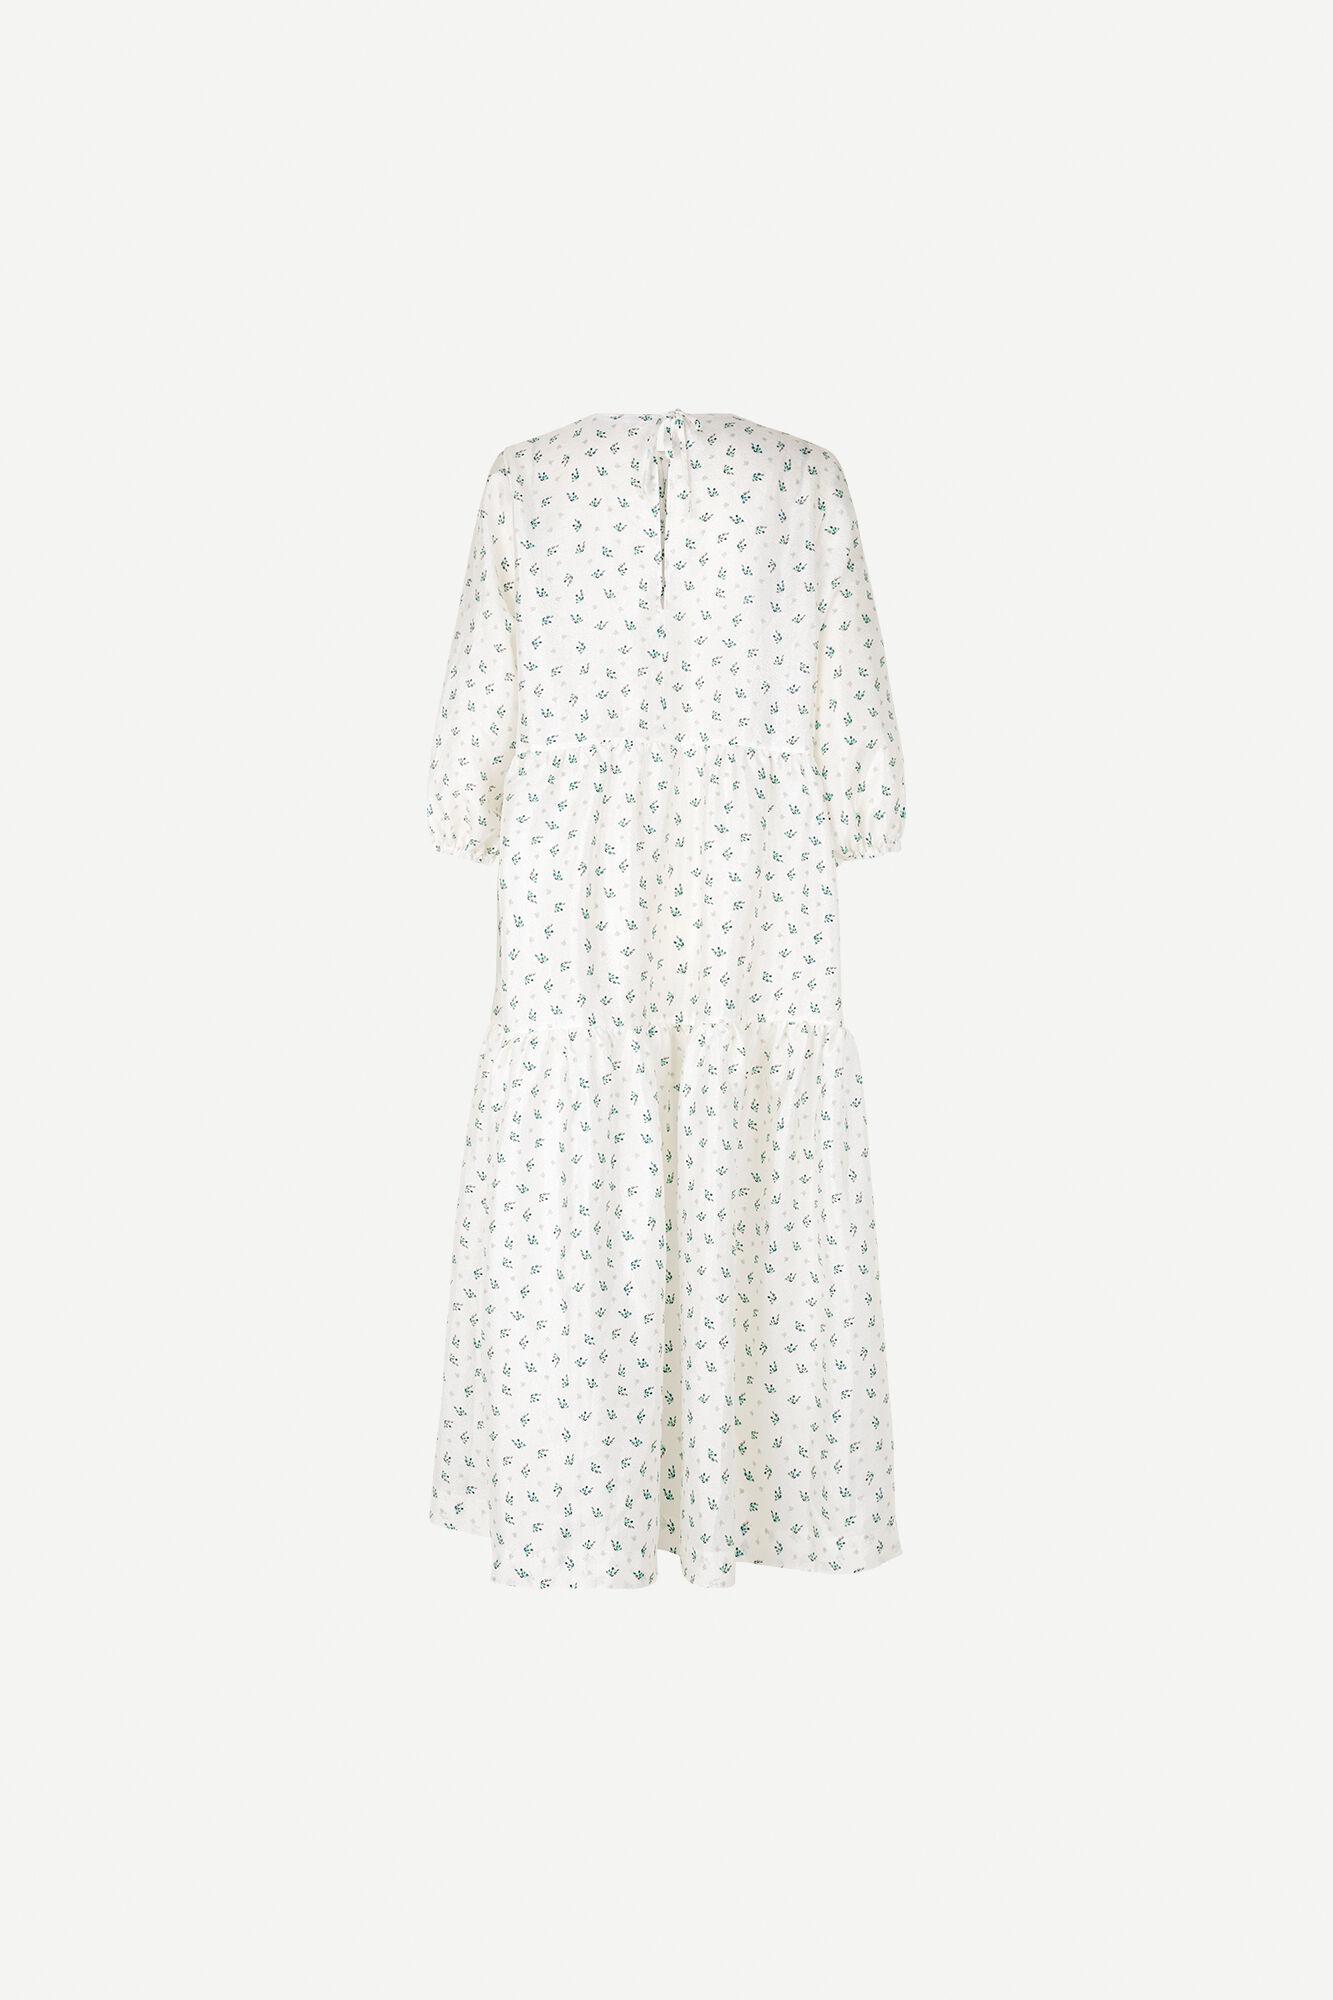 Mabelle dress aop 11244